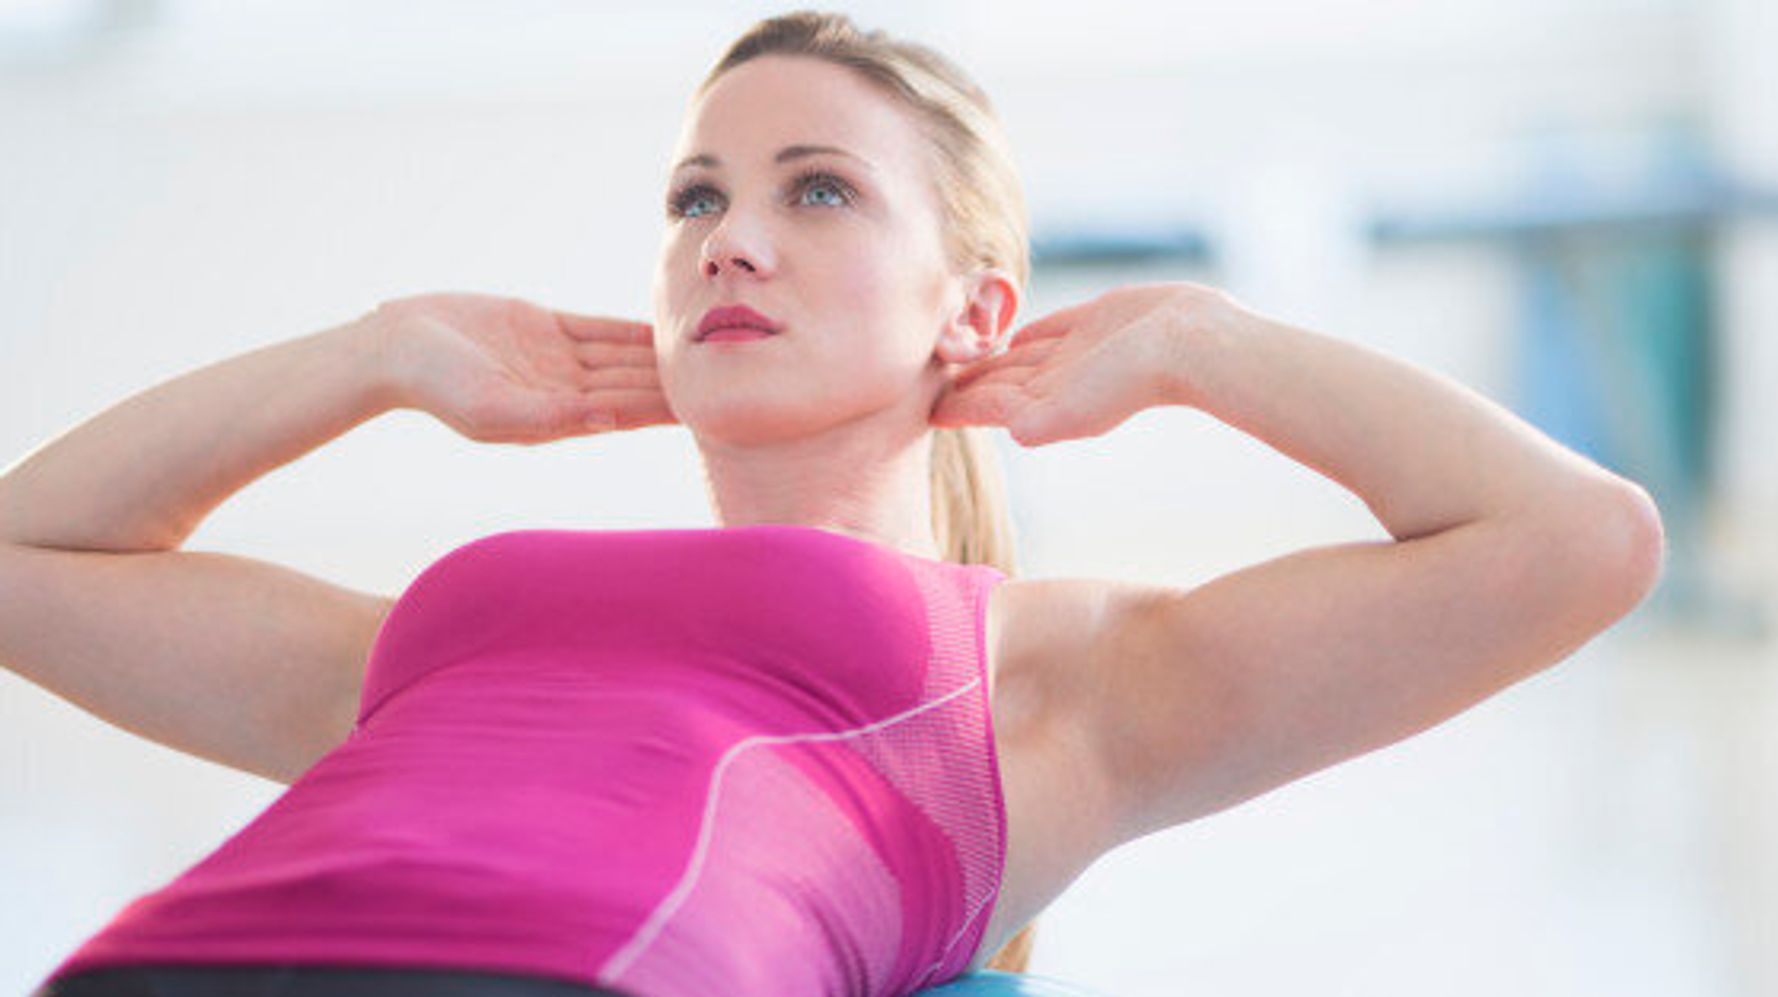 les redressements assis aident-ils à perdre de la graisse corporelle? perte de poids chez les femmes